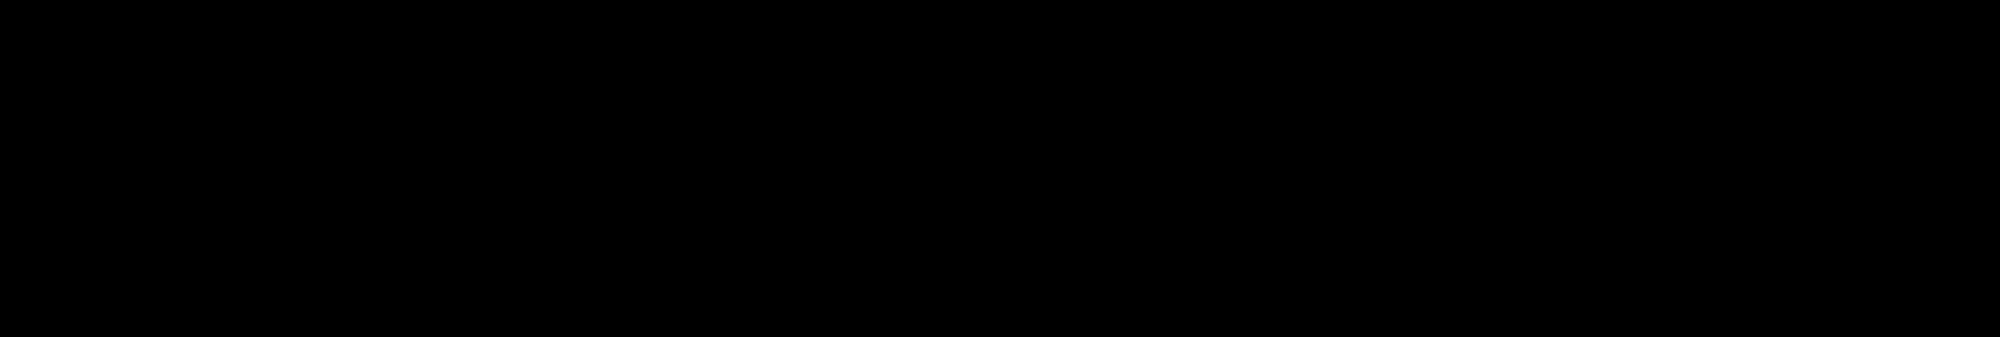 Organic Brand Signature Of Industrial Designer Luigi Colani B 1928